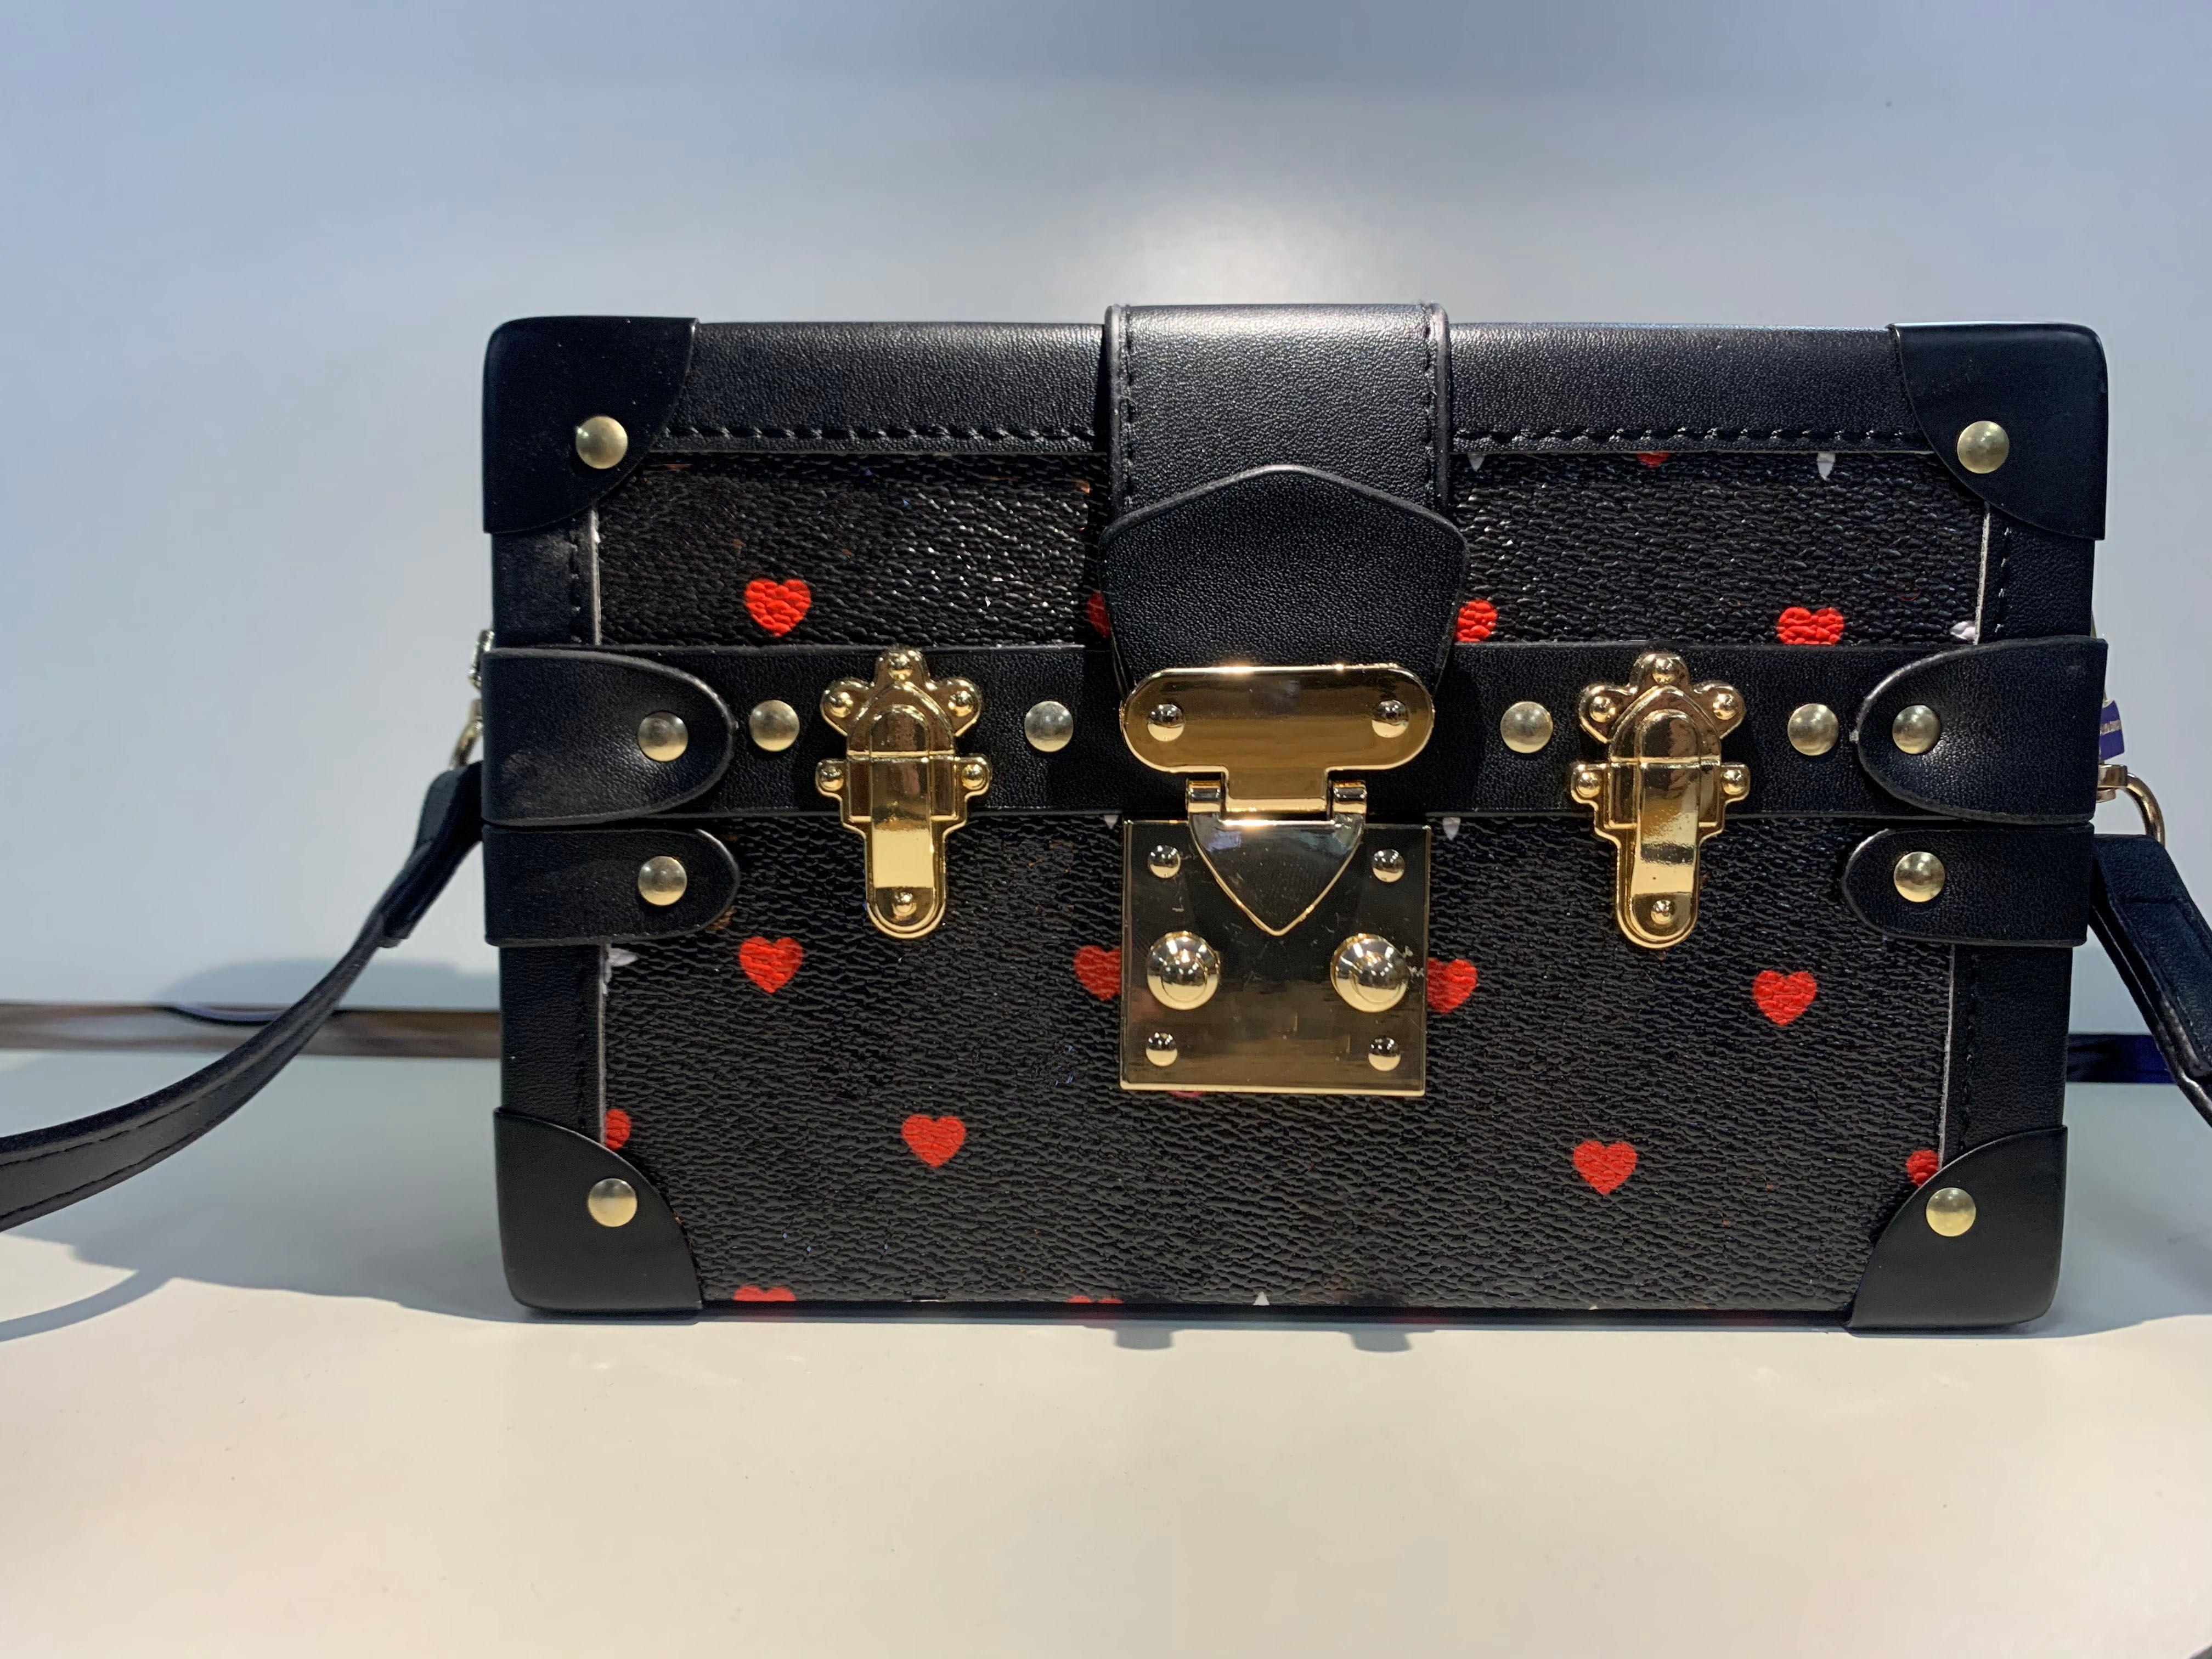 도매 클러치 상자 핸드백 남자 이브닝 가방 우수한 품질 가죽 지갑 패션 상자 벽돌 메신저 레이디 숄더 가방